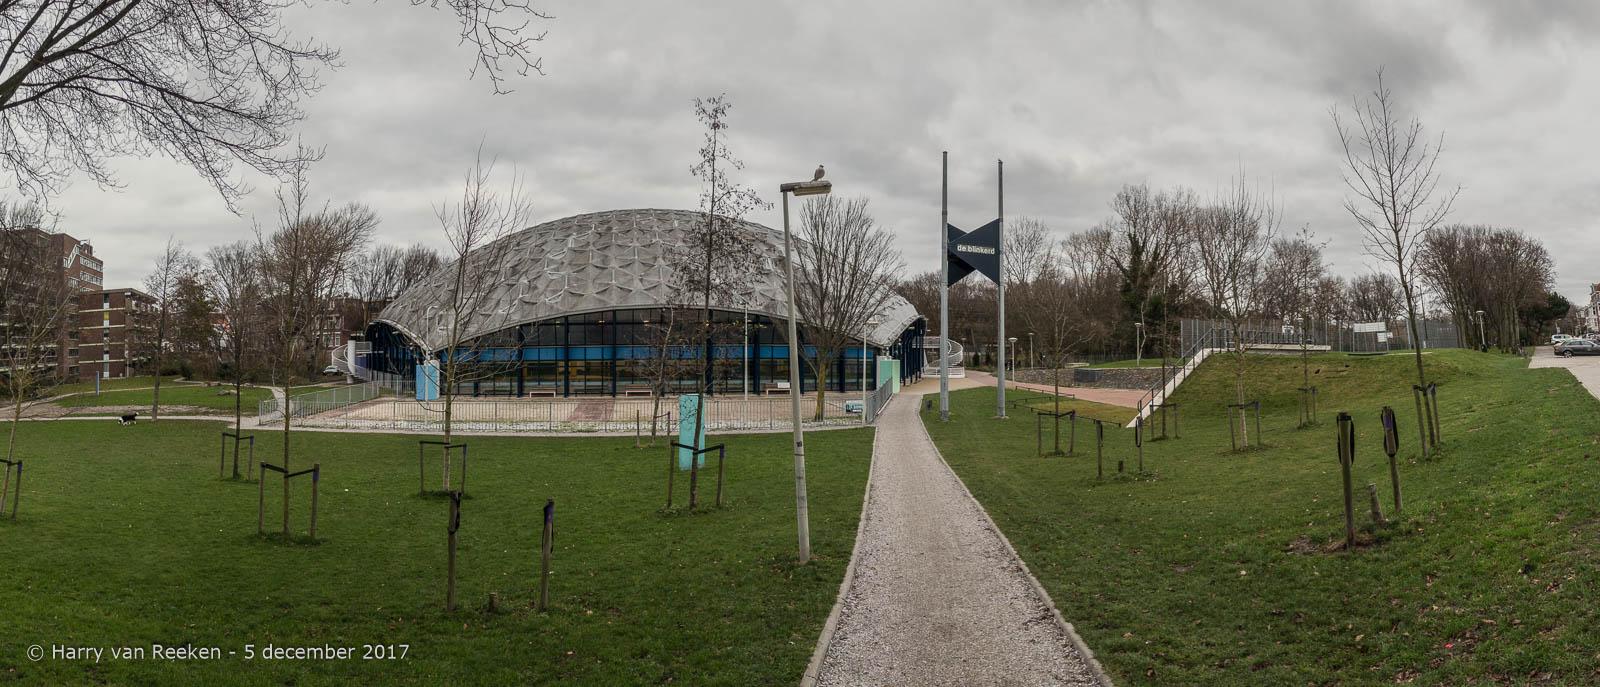 Haringkade - Sportcomplex De Blinkerd (7 van 7)-Pano-Edit